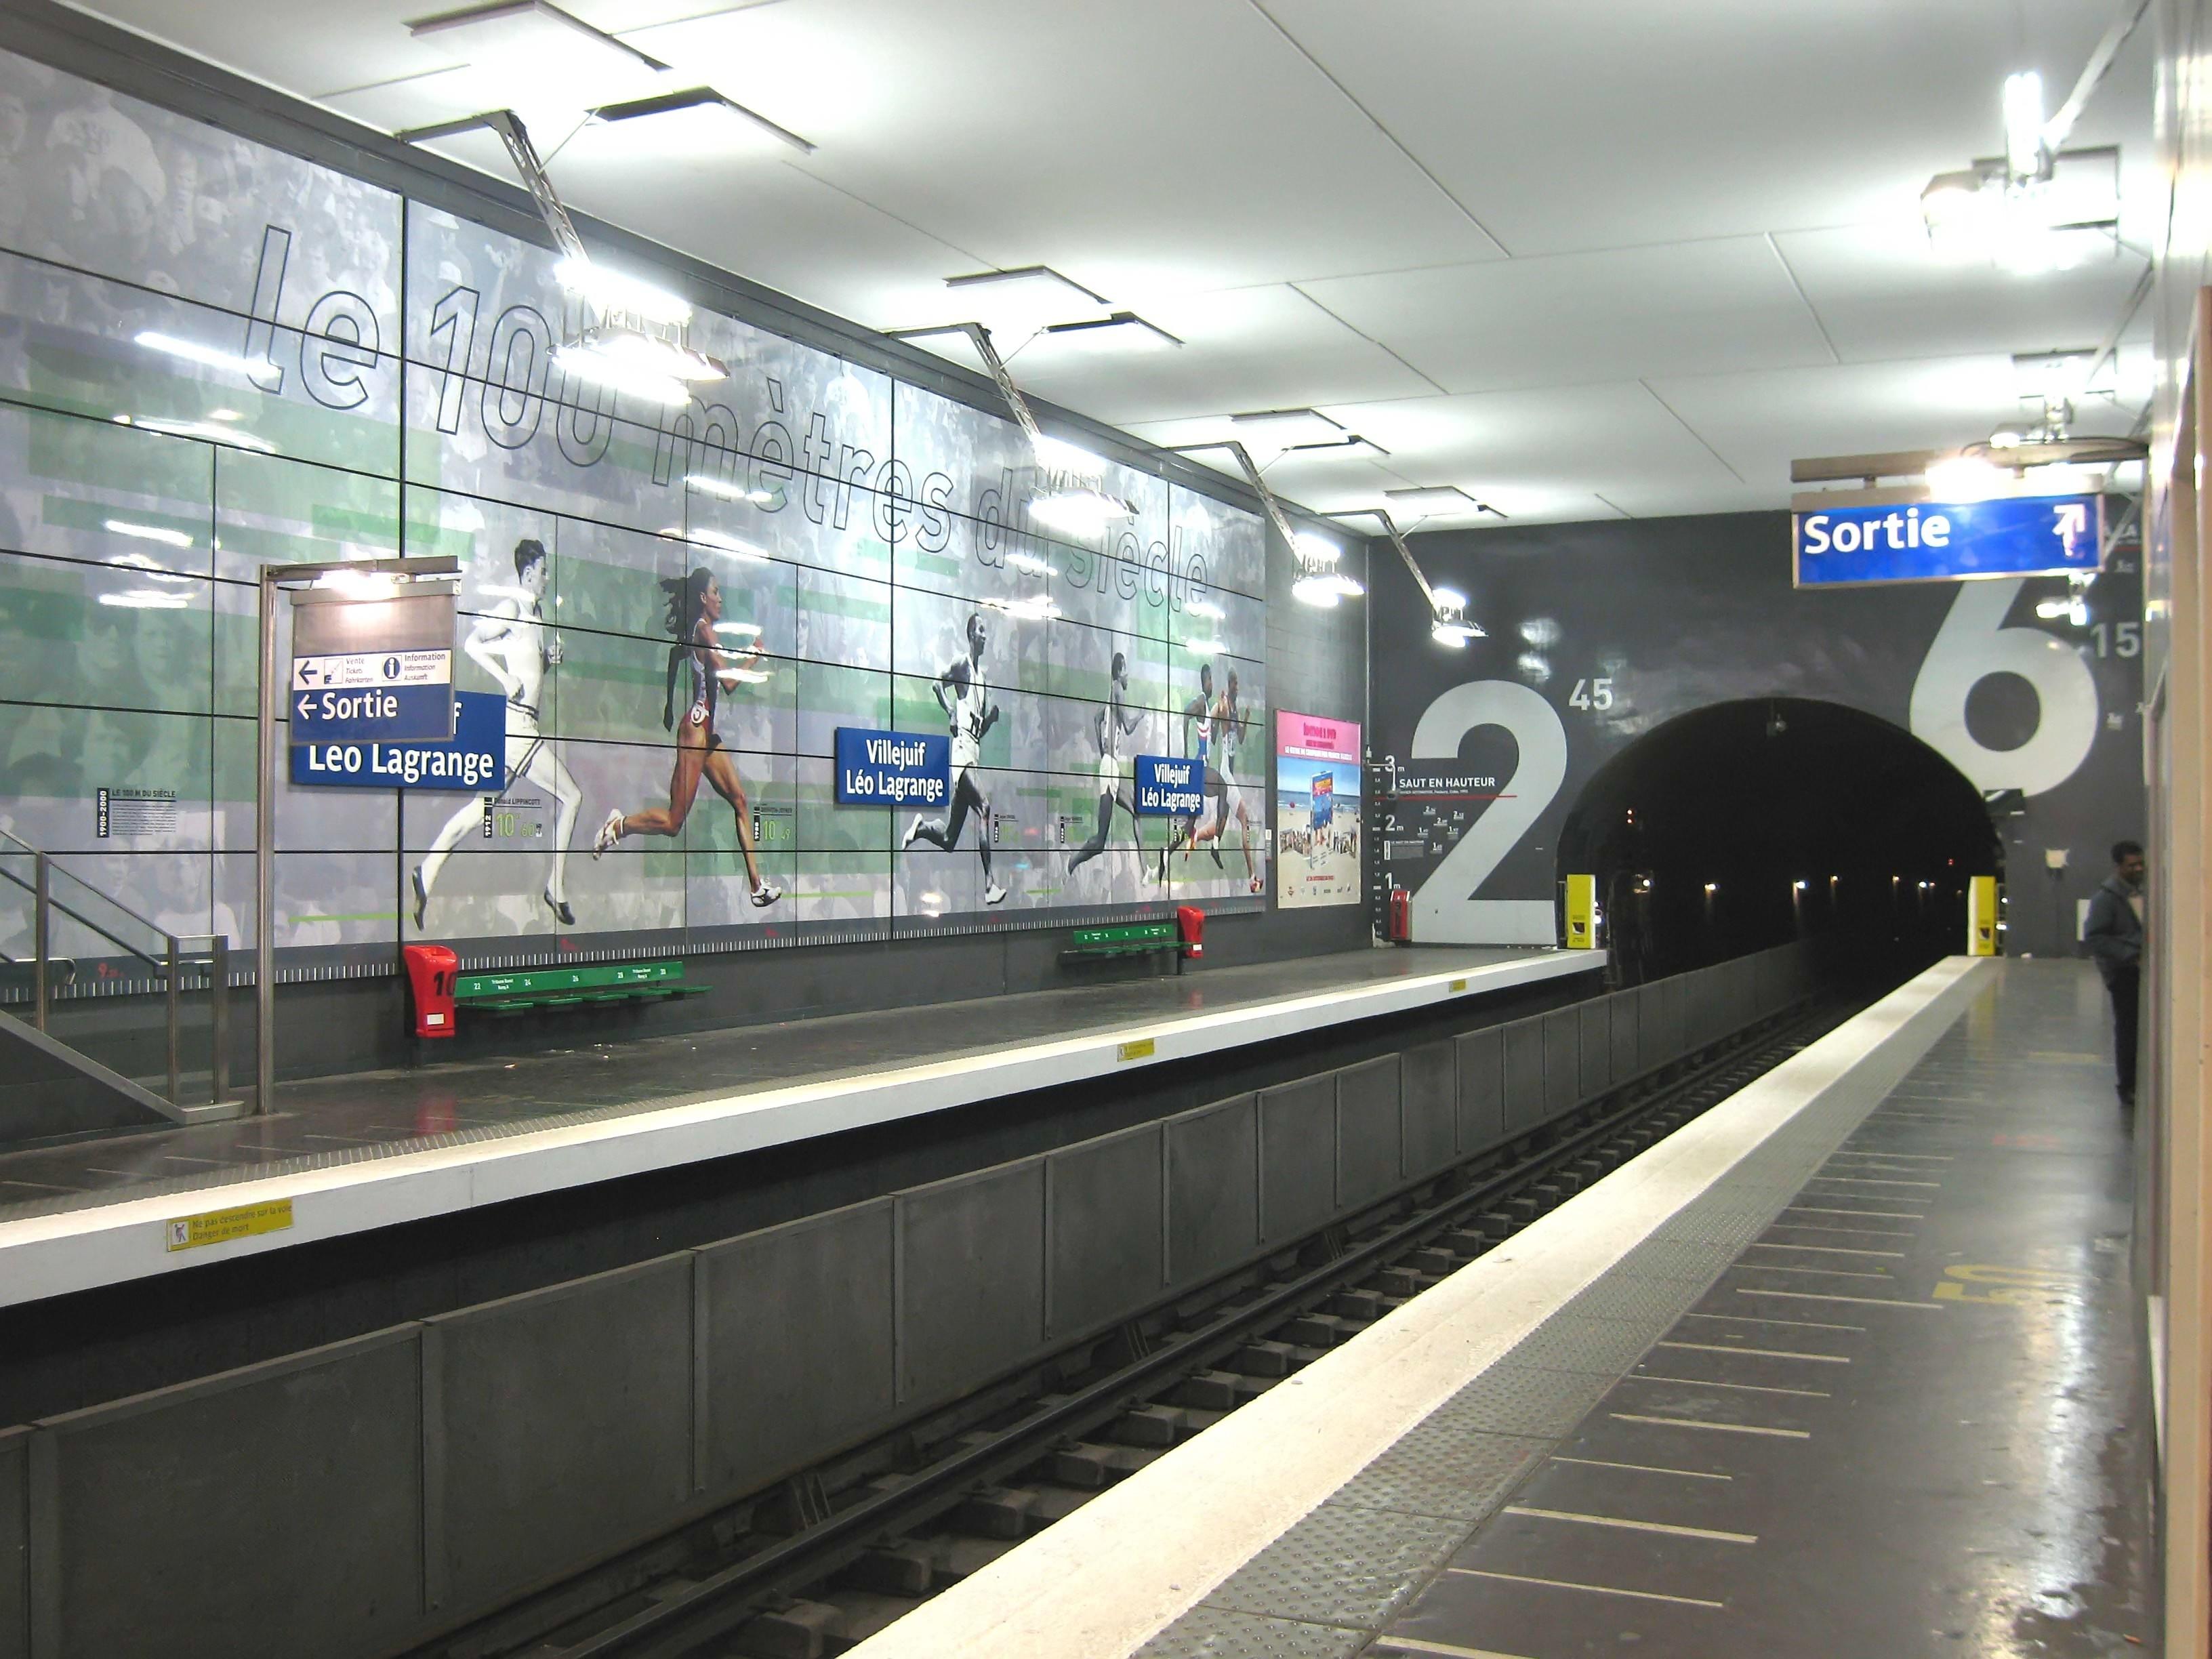 Ligne-7-Ville-juif-Leo-Lagr.jpg